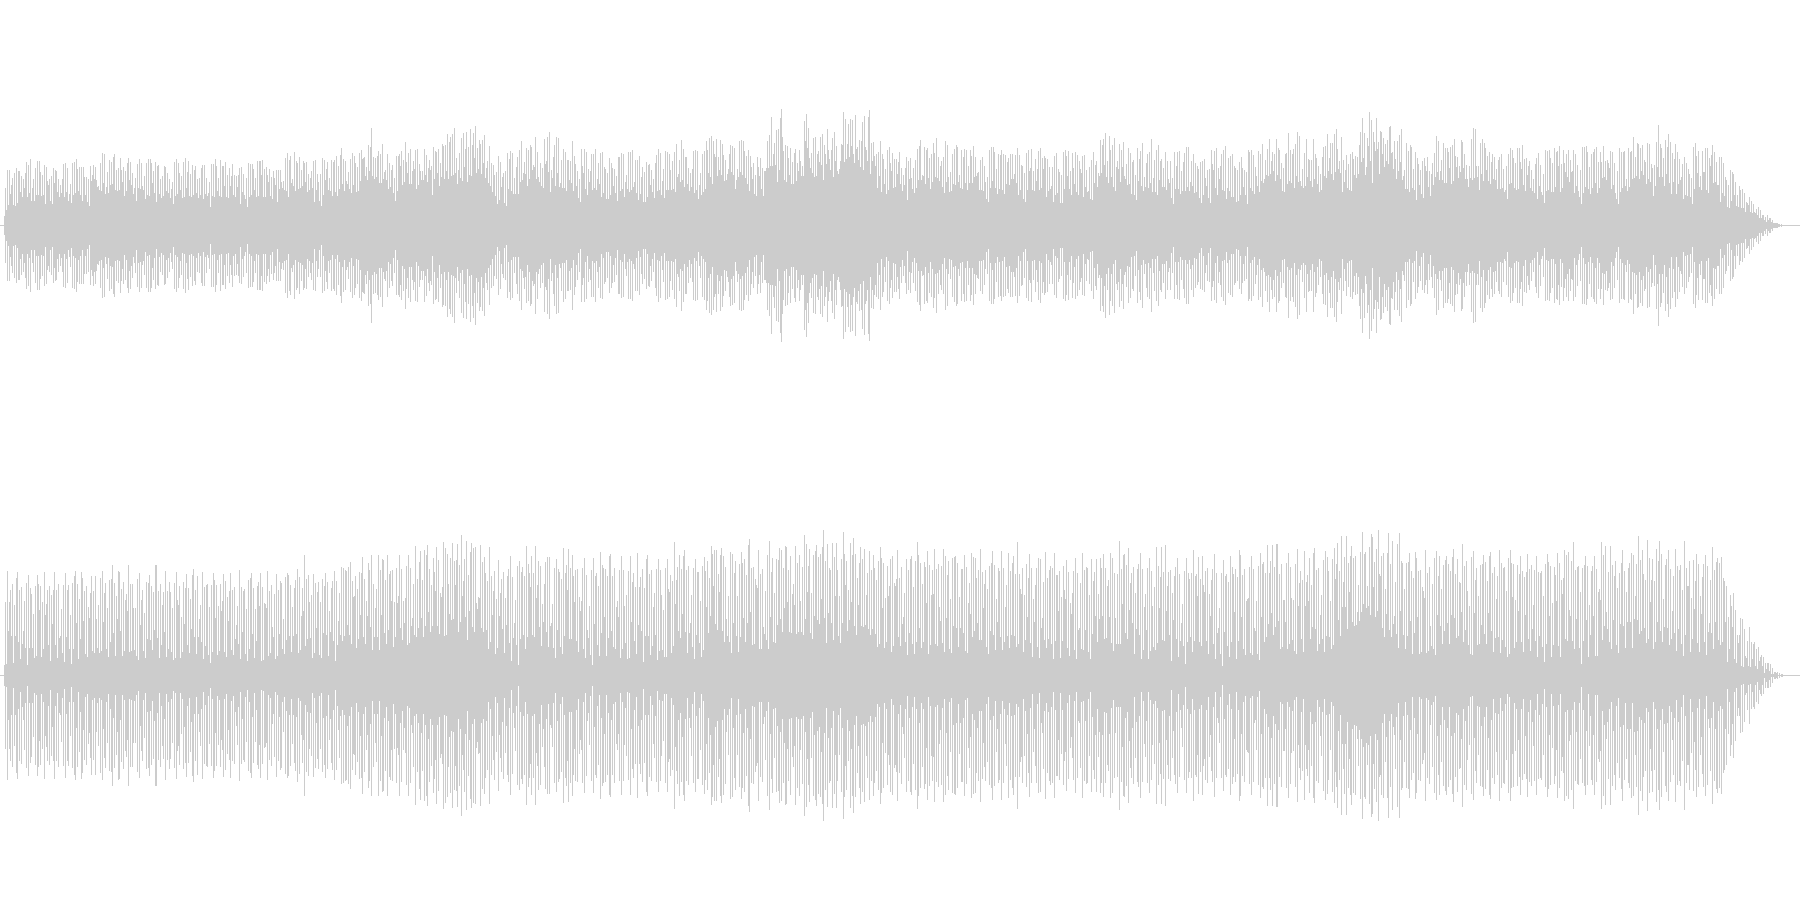 笛の音が印象的なシンセミュージックの未再生の波形